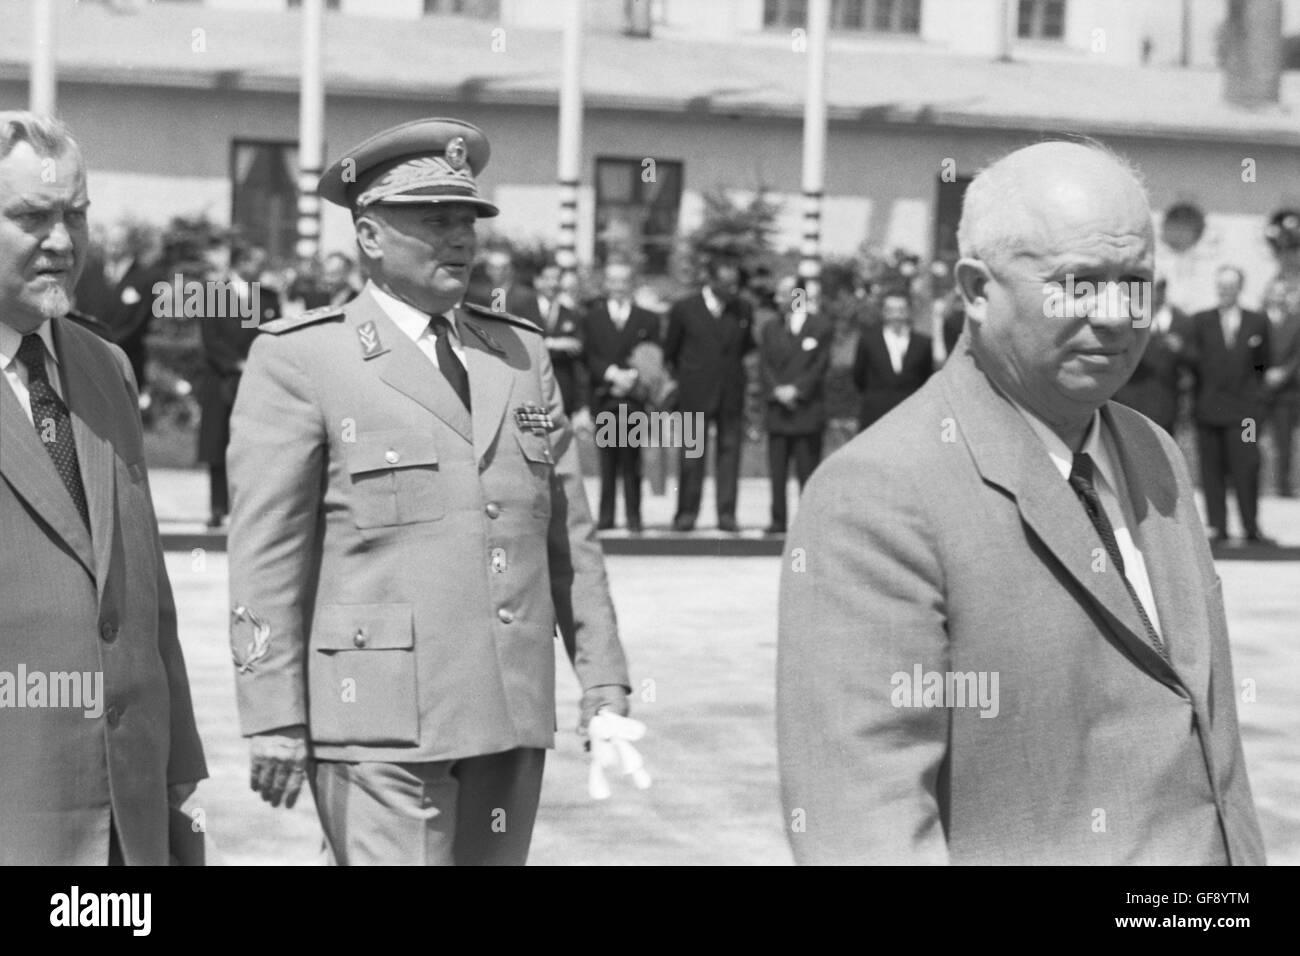 Josip Tito, Nikolai Bulganin, and Nikita Khrushchev - Stock Image